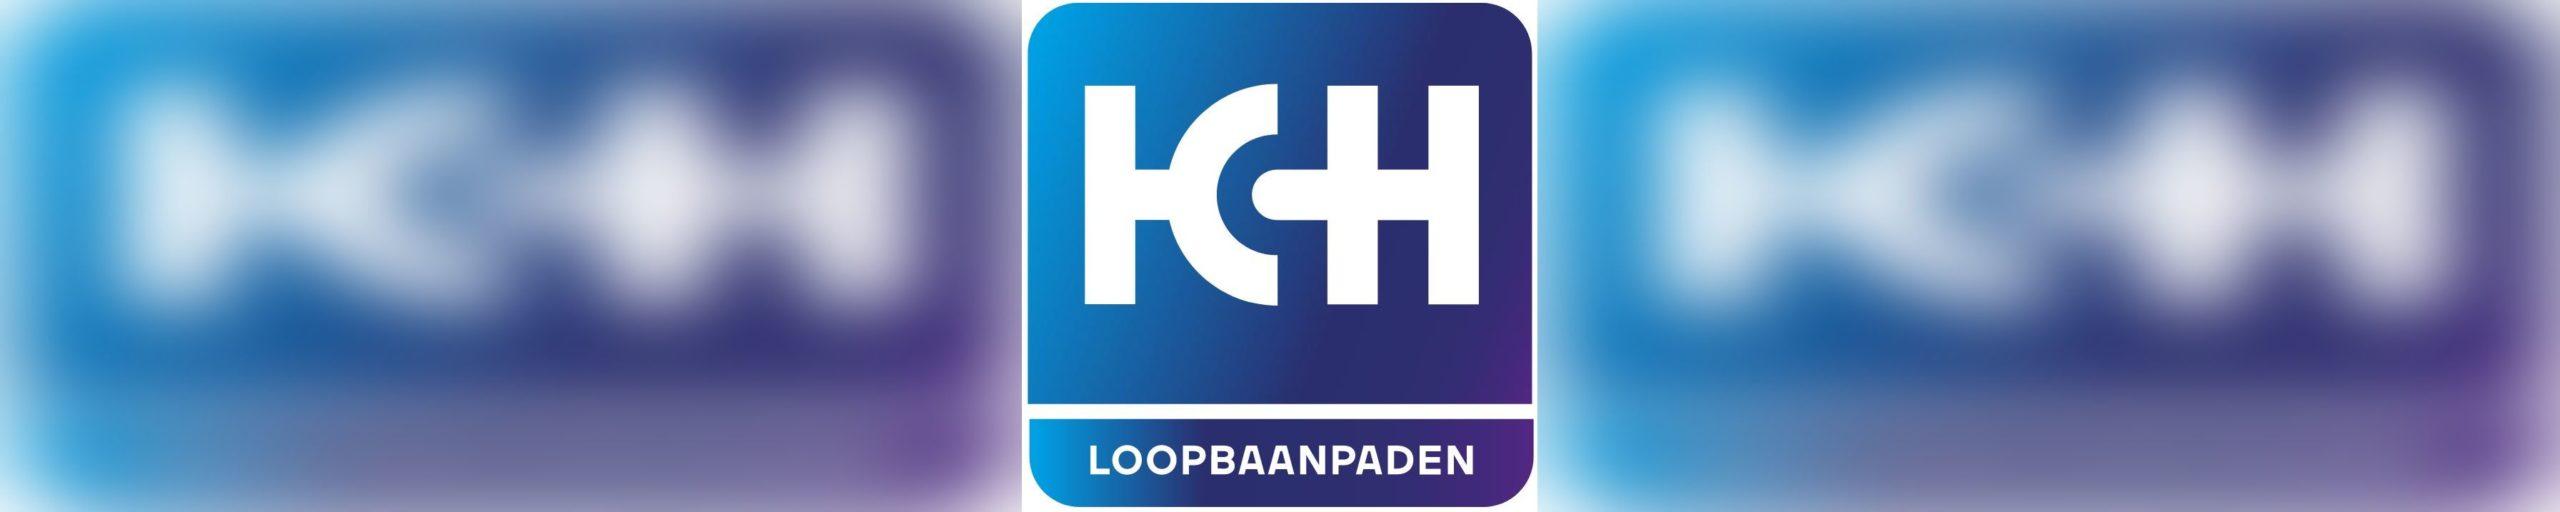 KCH Loopbaanpaden